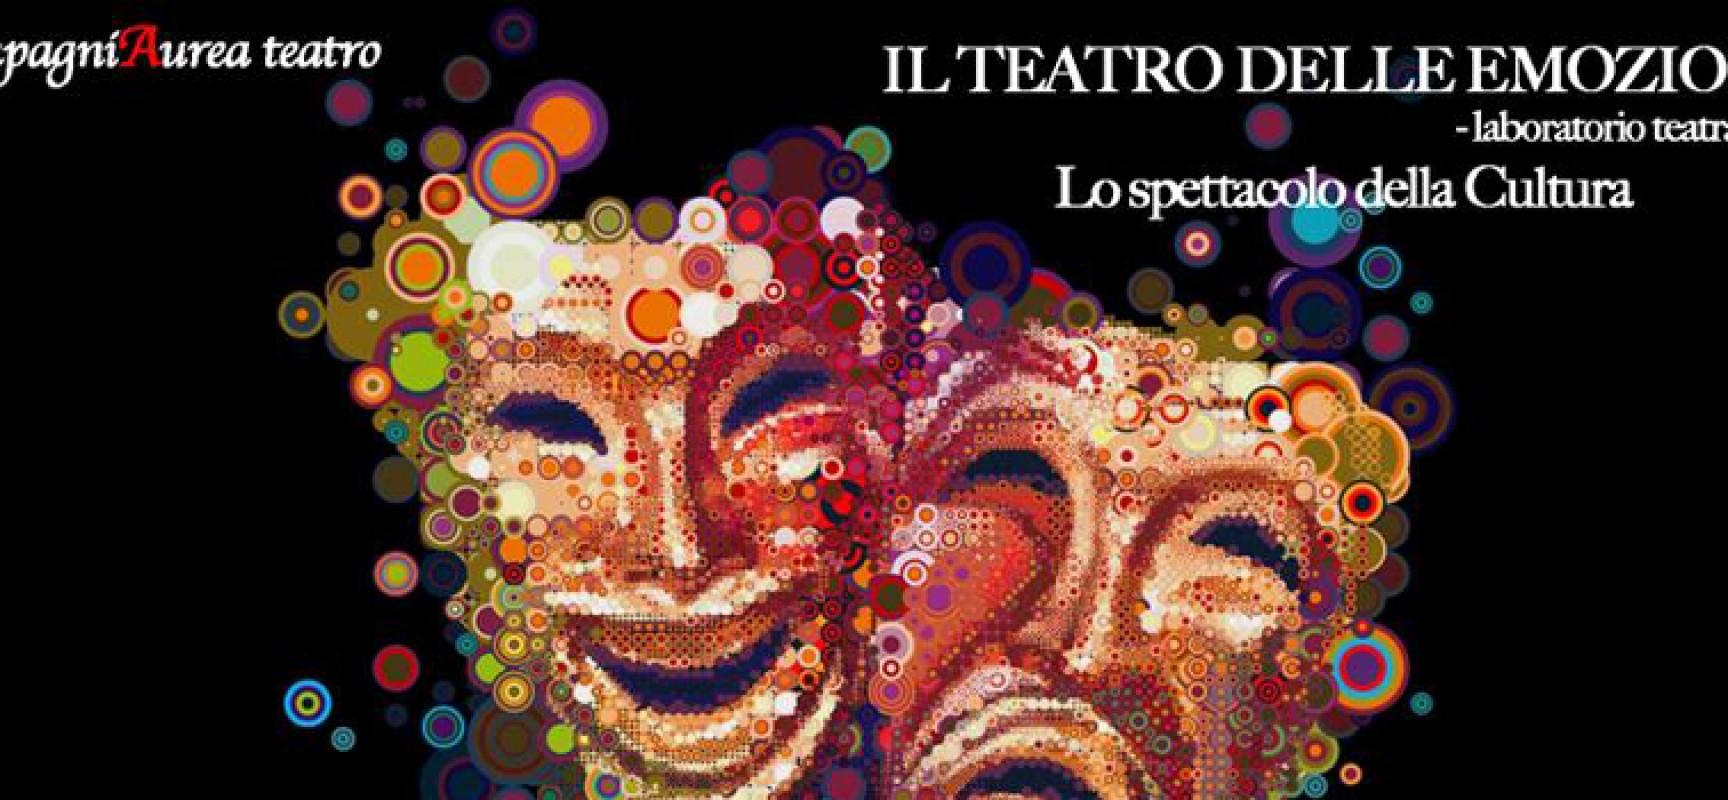 Ripartono i laboratori teatrali della CompagniAurea con Il teatro delle emozioni